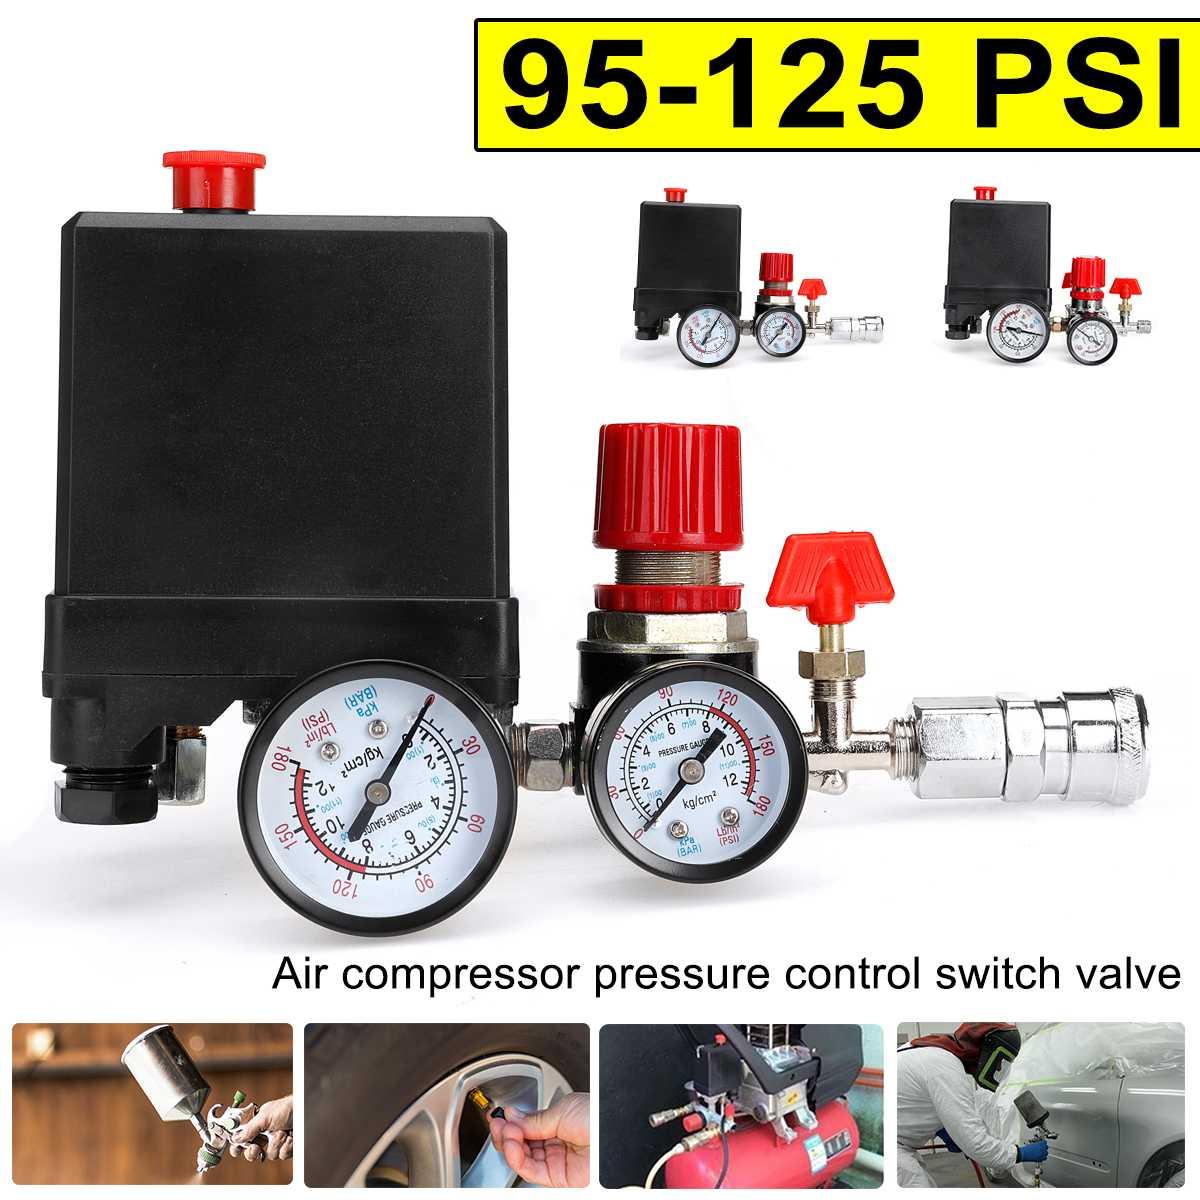 Medidores de válvula de Control de 4 puertos, bomba de compresor de aire, Control de presión con manómetro, 380V, 95-125PSI, Interruptor de Presión Del Compresor de Aire